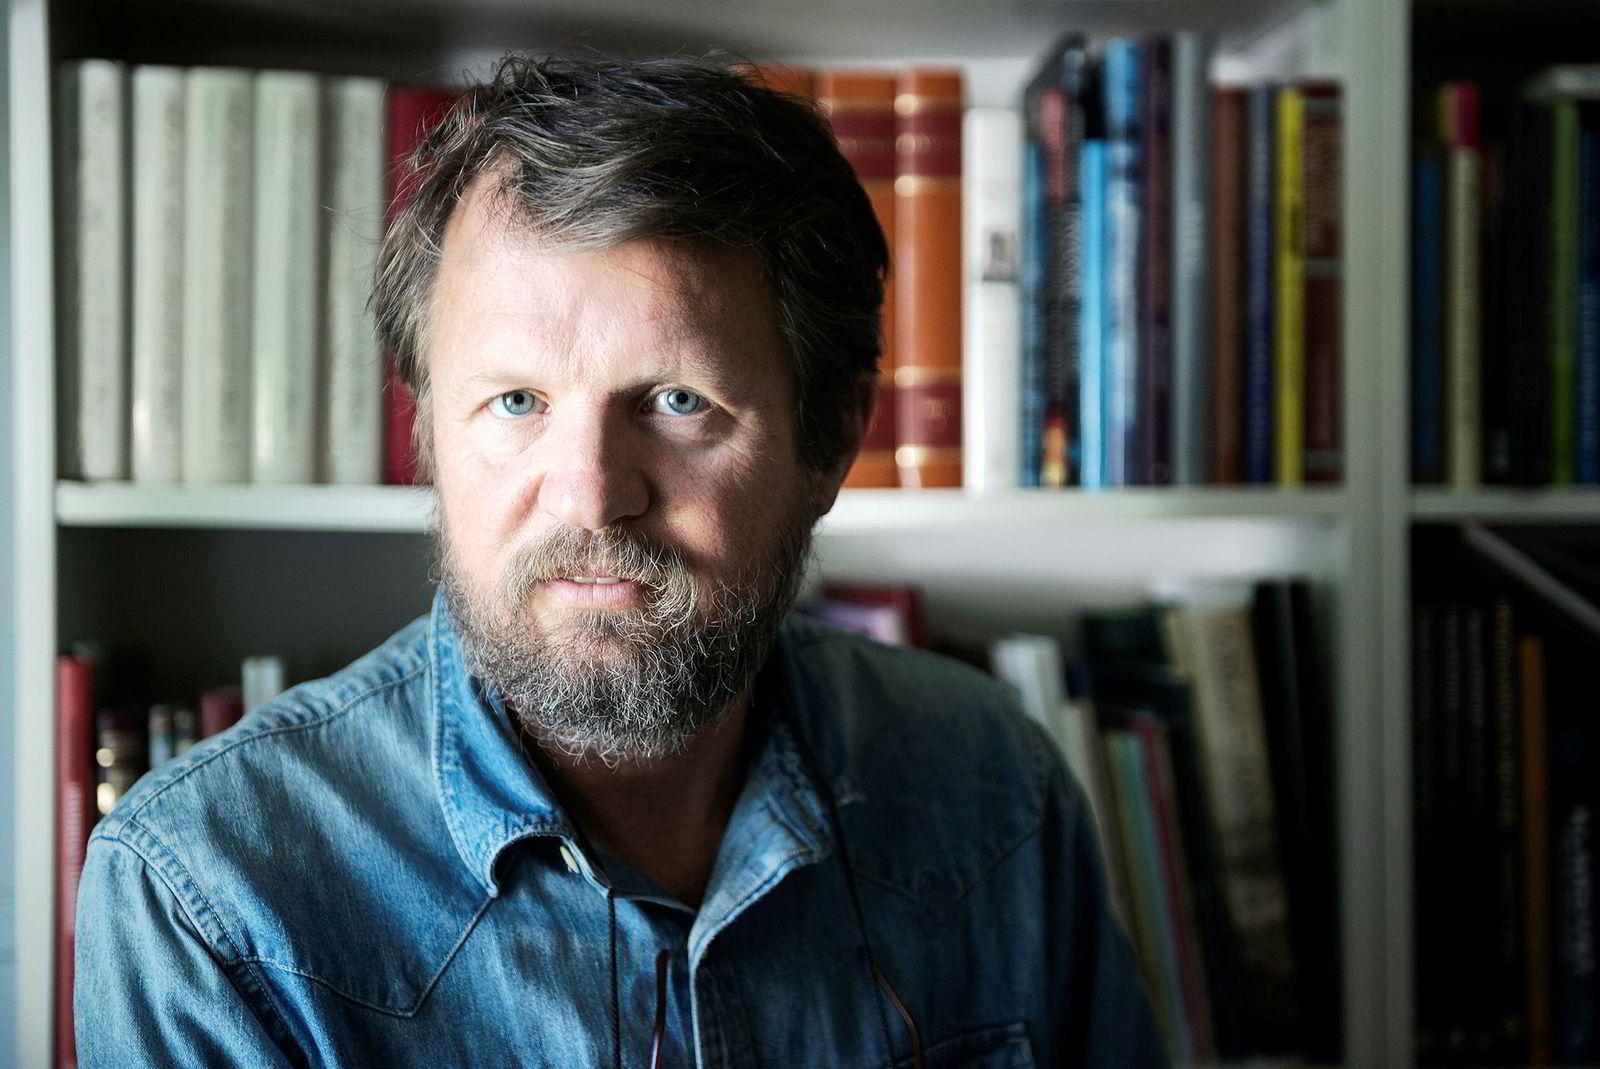 Etter en rekke bestselgende utgivelser på Aschehoug, er Tom Egeland nå signert Capitana forlag. Det samme er forfattere som Jørn Lier Horst og Tom Kristensen.